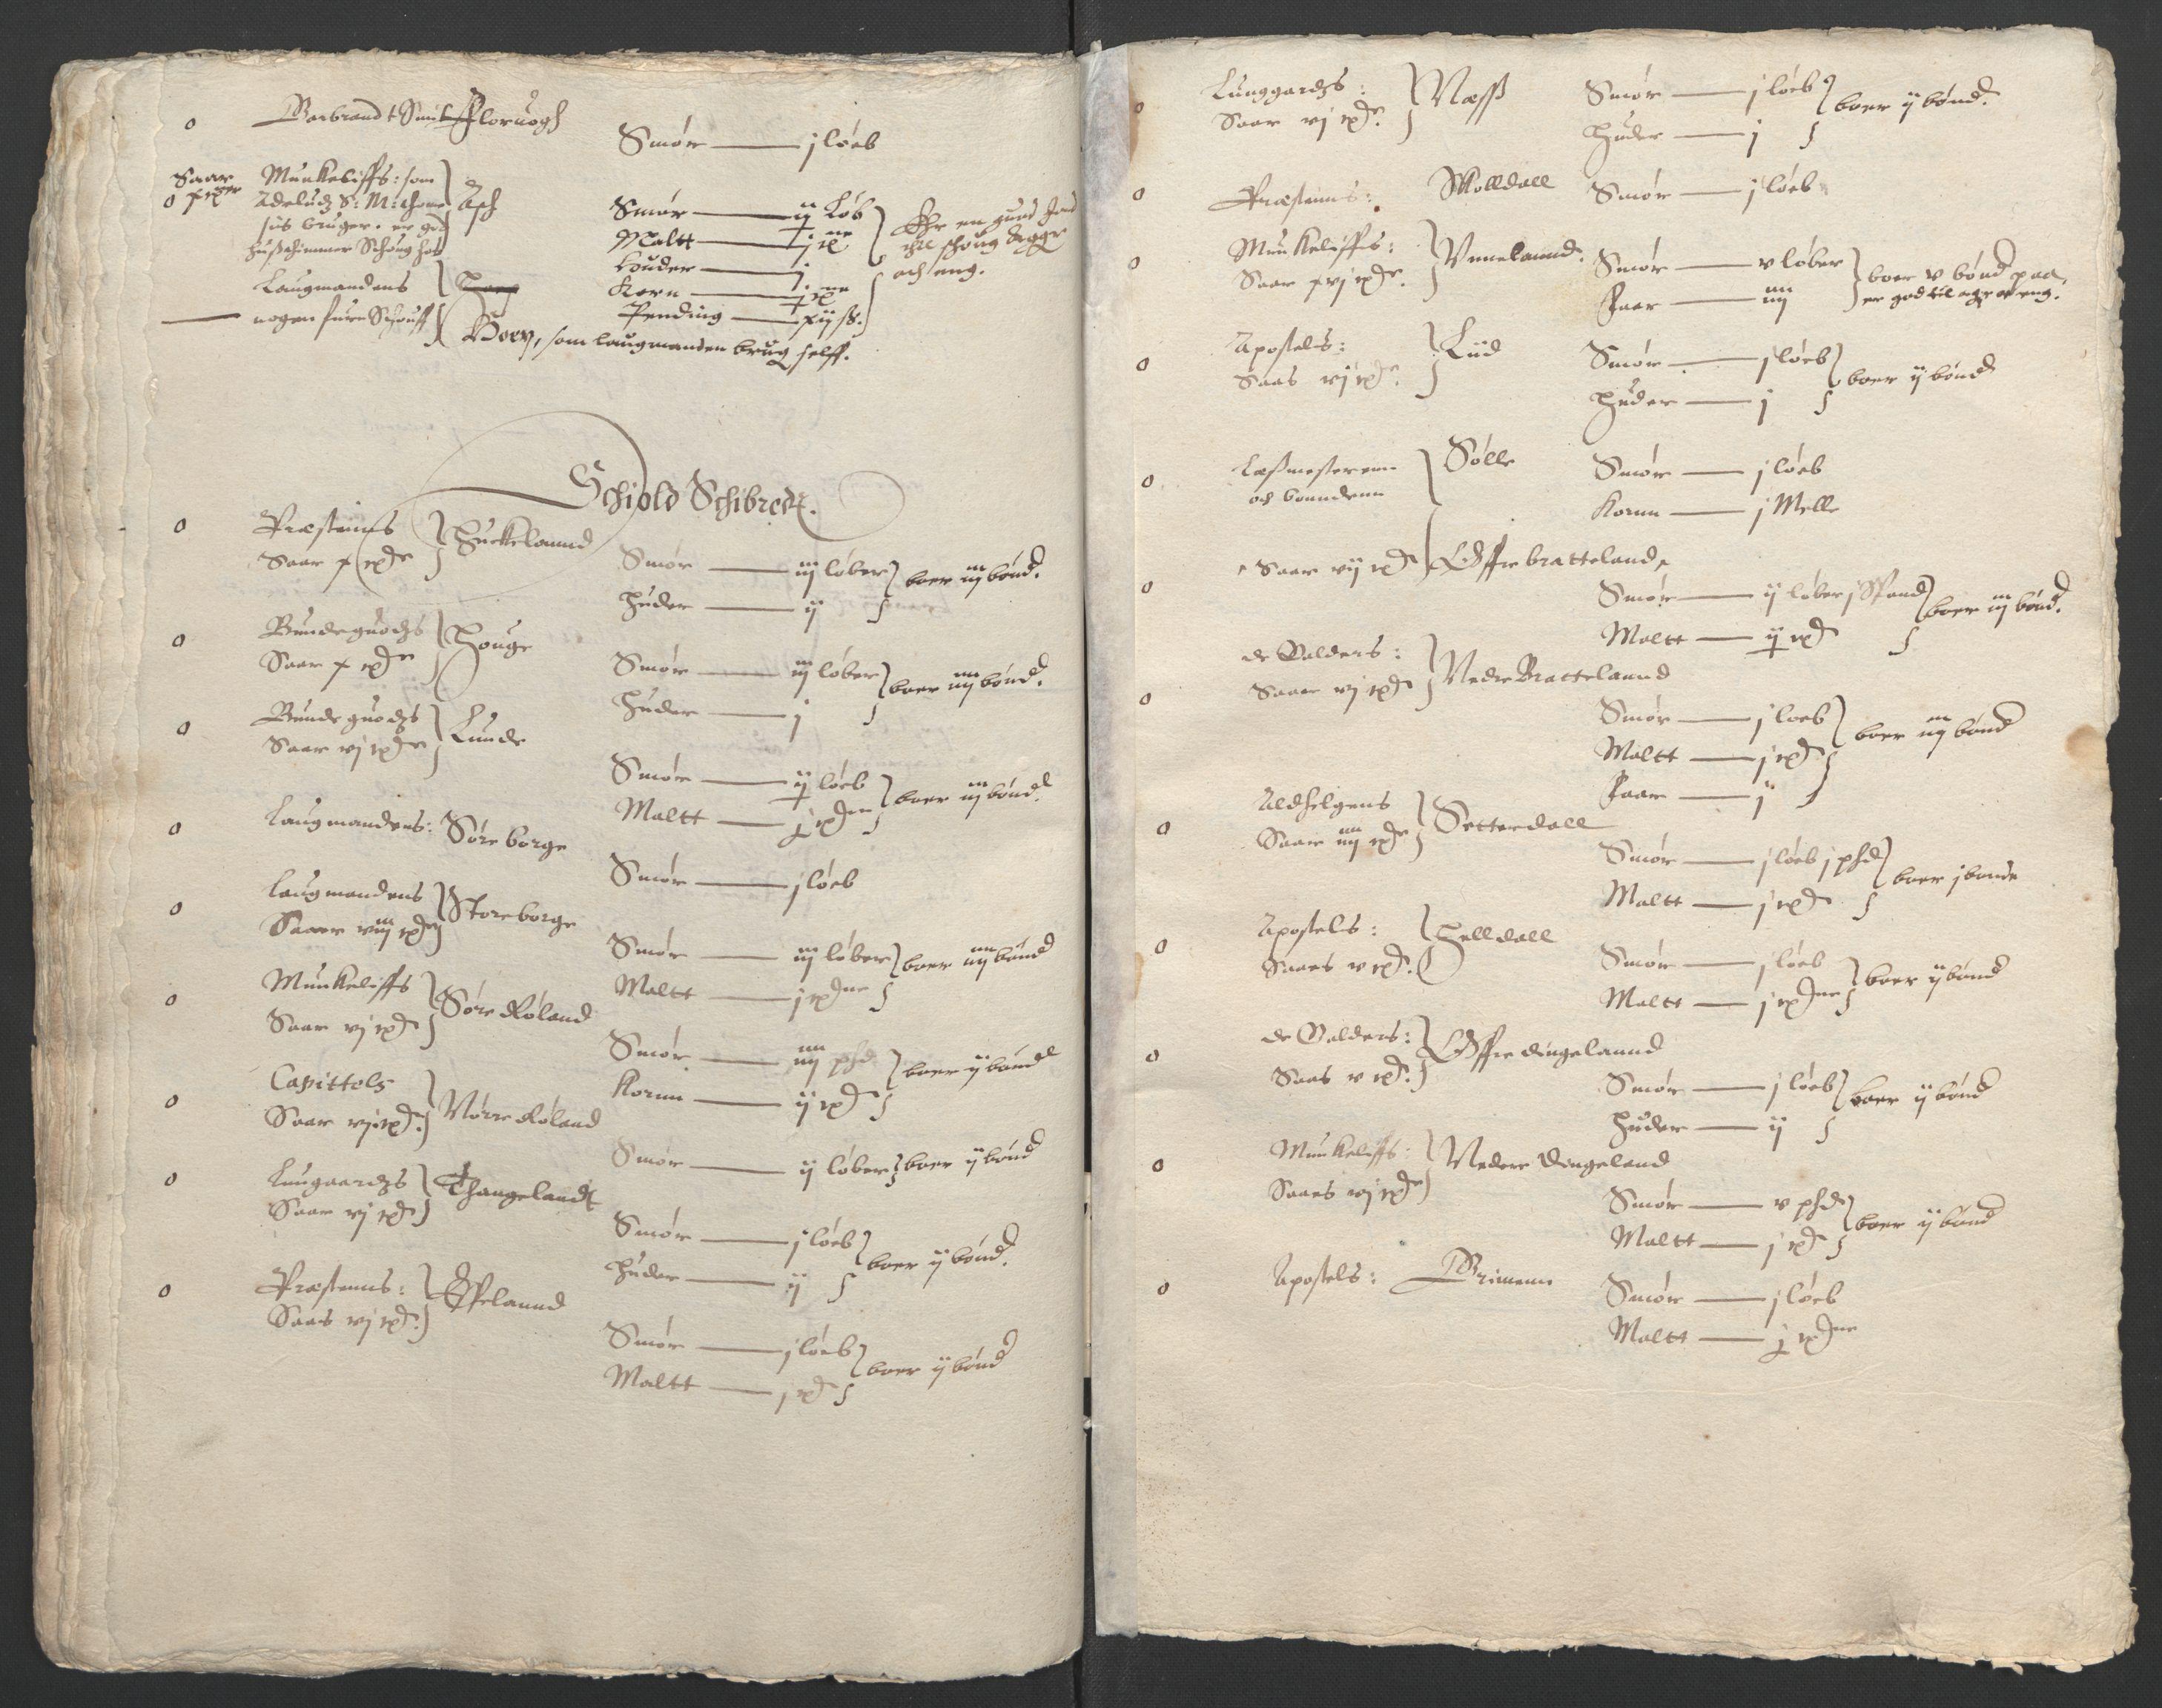 RA, Stattholderembetet 1572-1771, Ek/L0004: Jordebøker til utlikning av garnisonsskatt 1624-1626:, 1626, s. 166